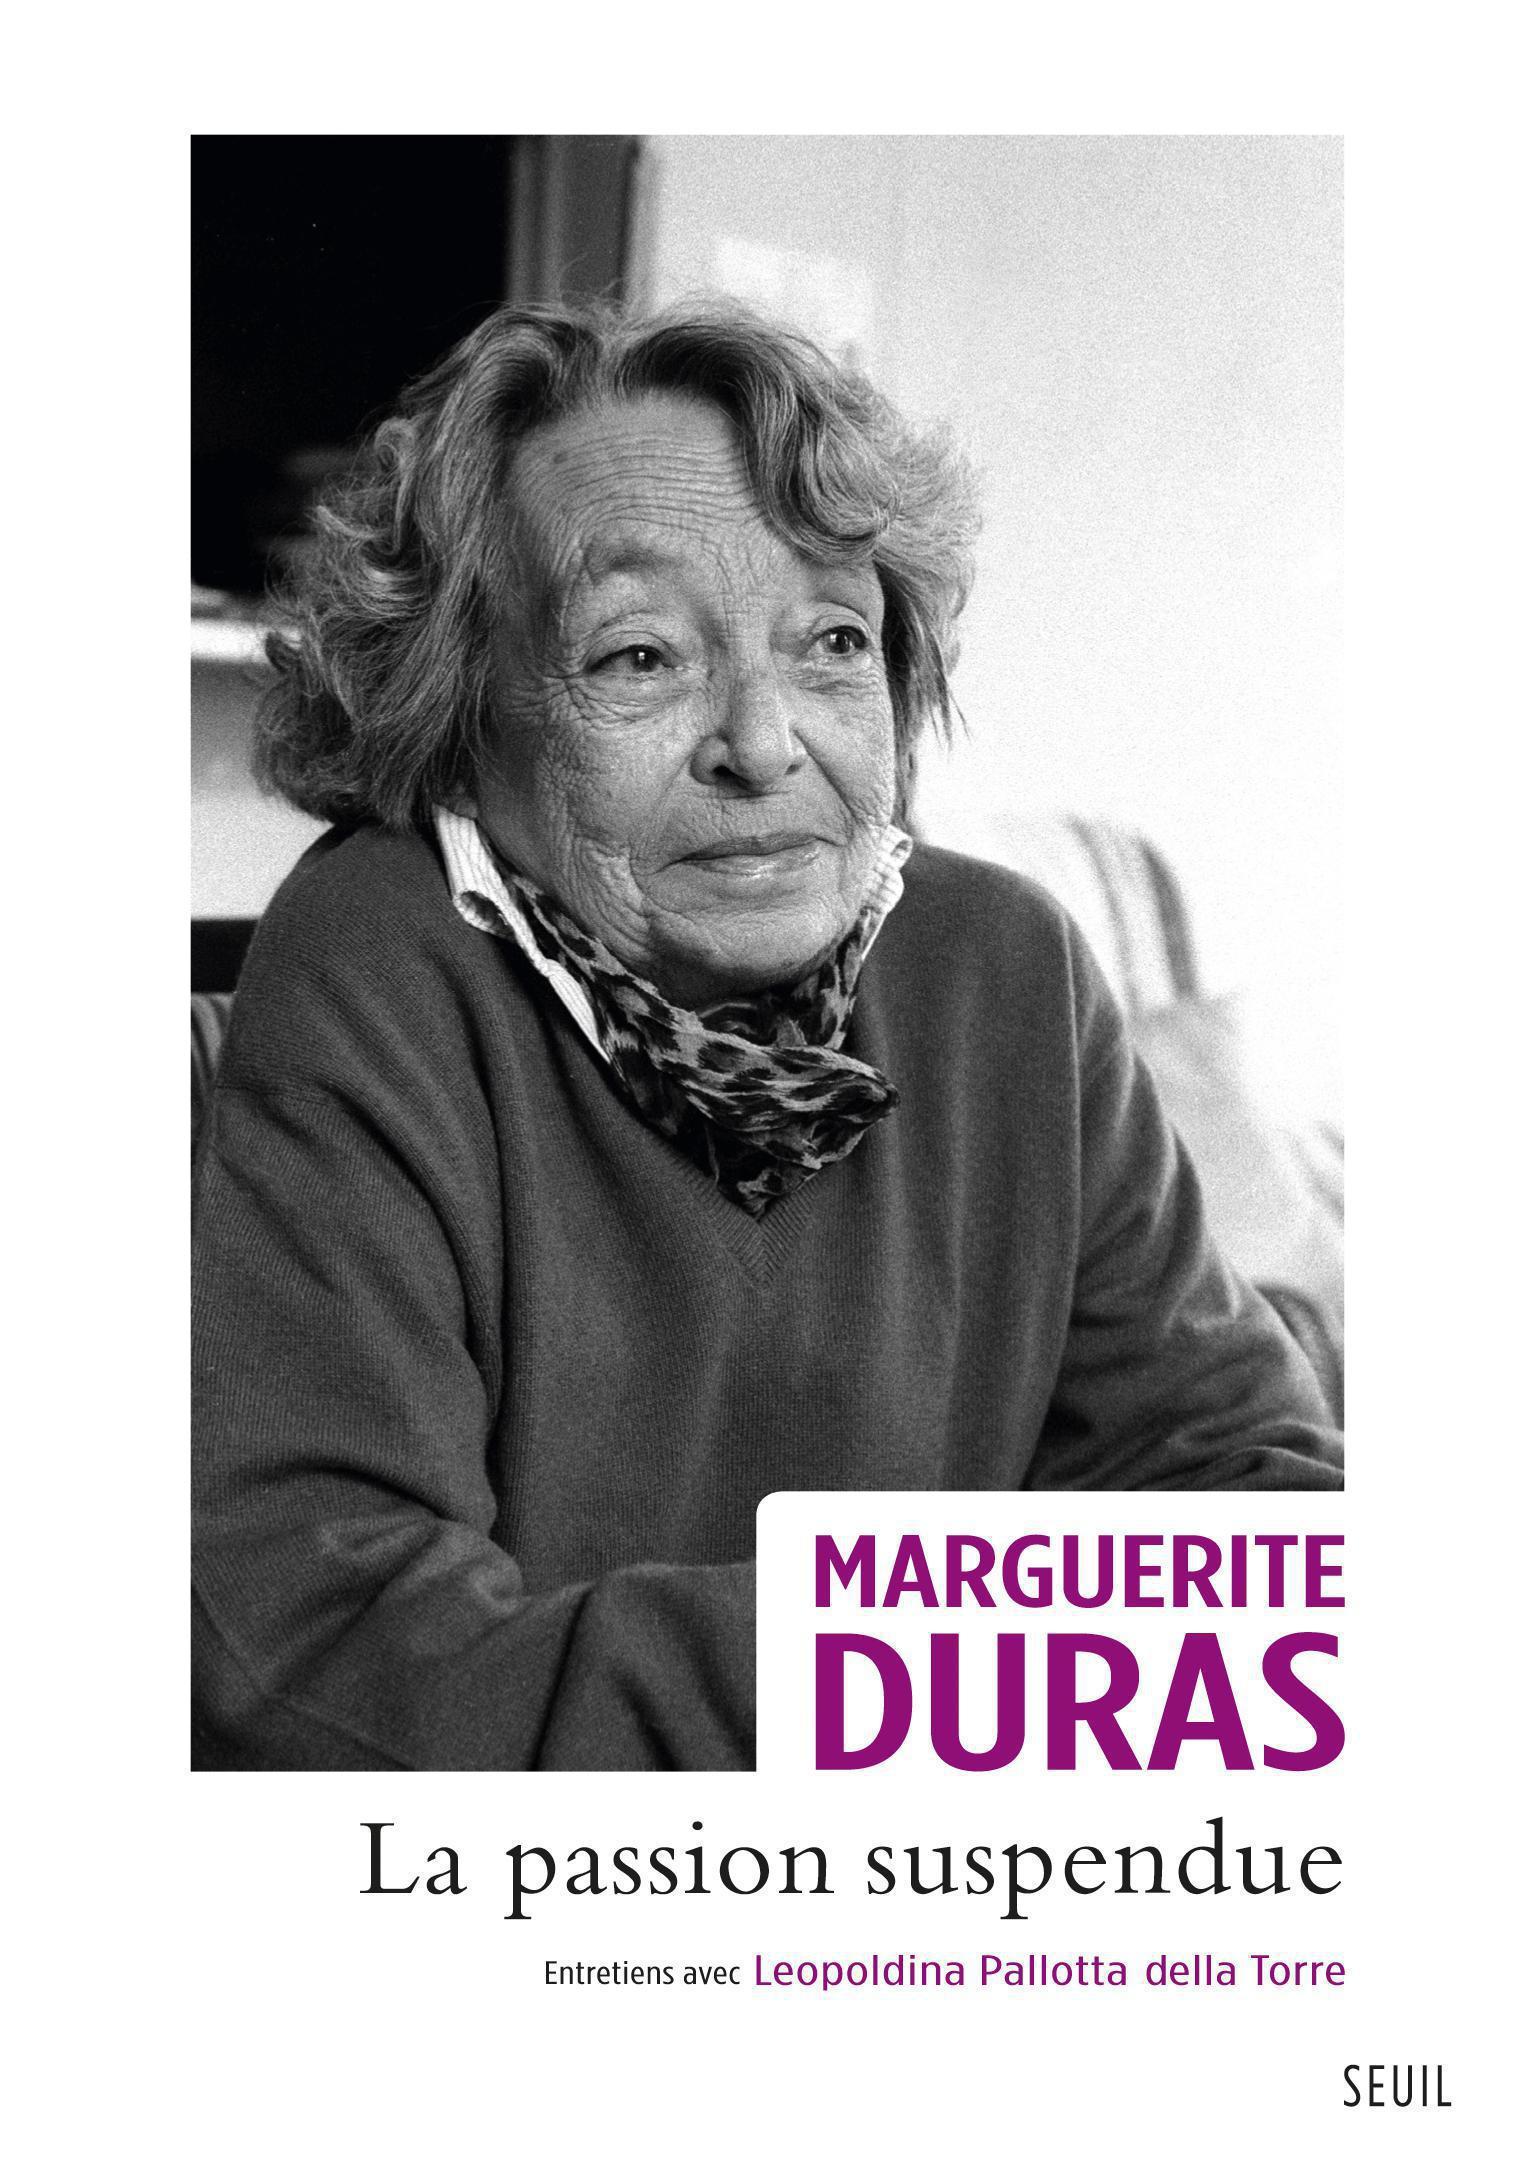 Couverture : La passion suspendue: entretiens avec Leopoldina Pallotta Della Marguerite Duras, Leopoldi Pallotta Della Torre